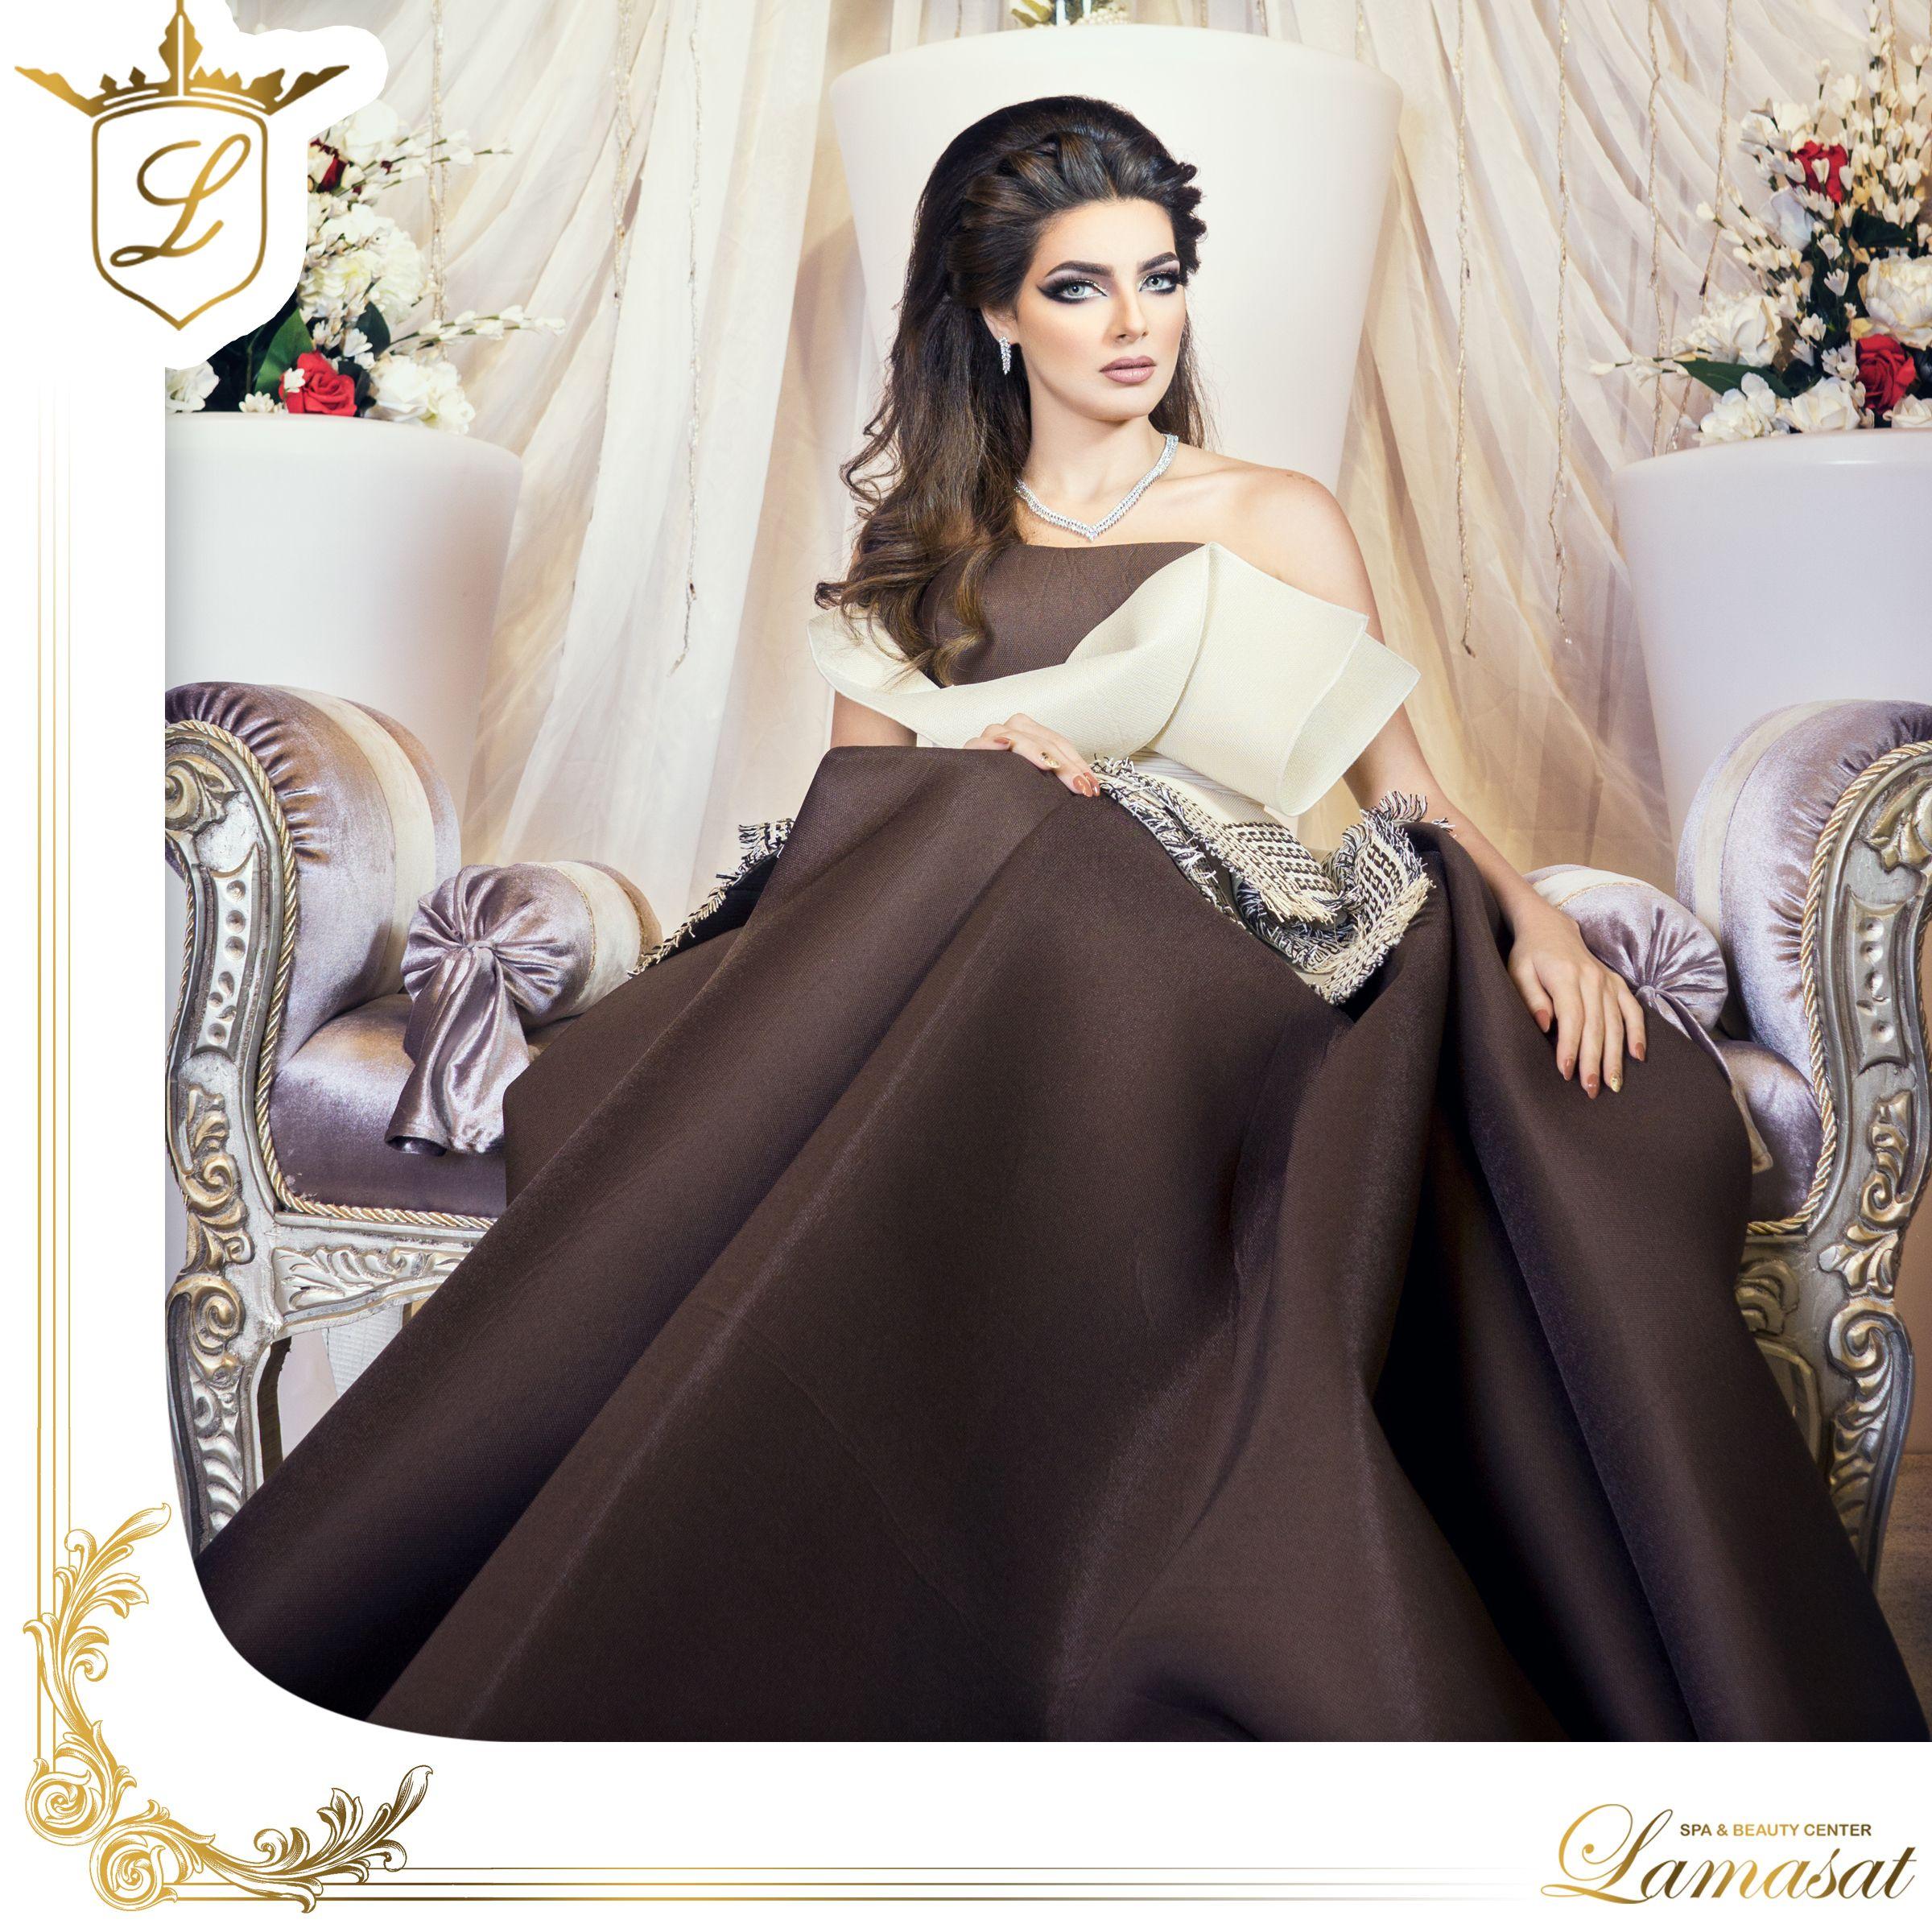 شعر منى احمد Ahmadmunna البوتيك والازياء اوش بوتيك Oushboutique Couture متجر العدسات كوزمتك لينسز Cosmeti Formal Dresses Long Formal Dresses Dresses